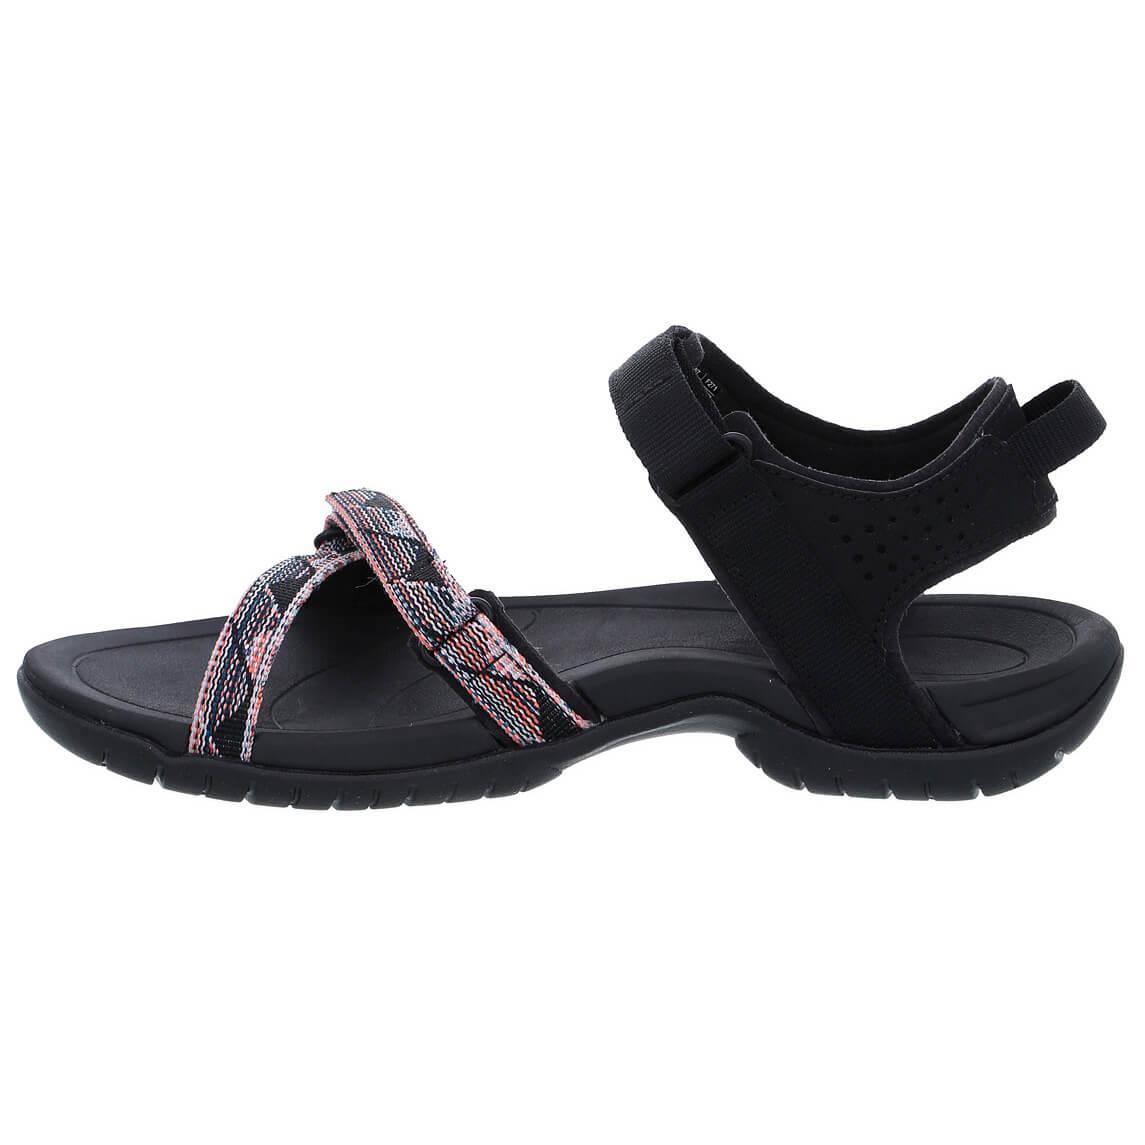 Teva Sandales De En Ligne FemmeAchat Verra Marche R4AL3q5j